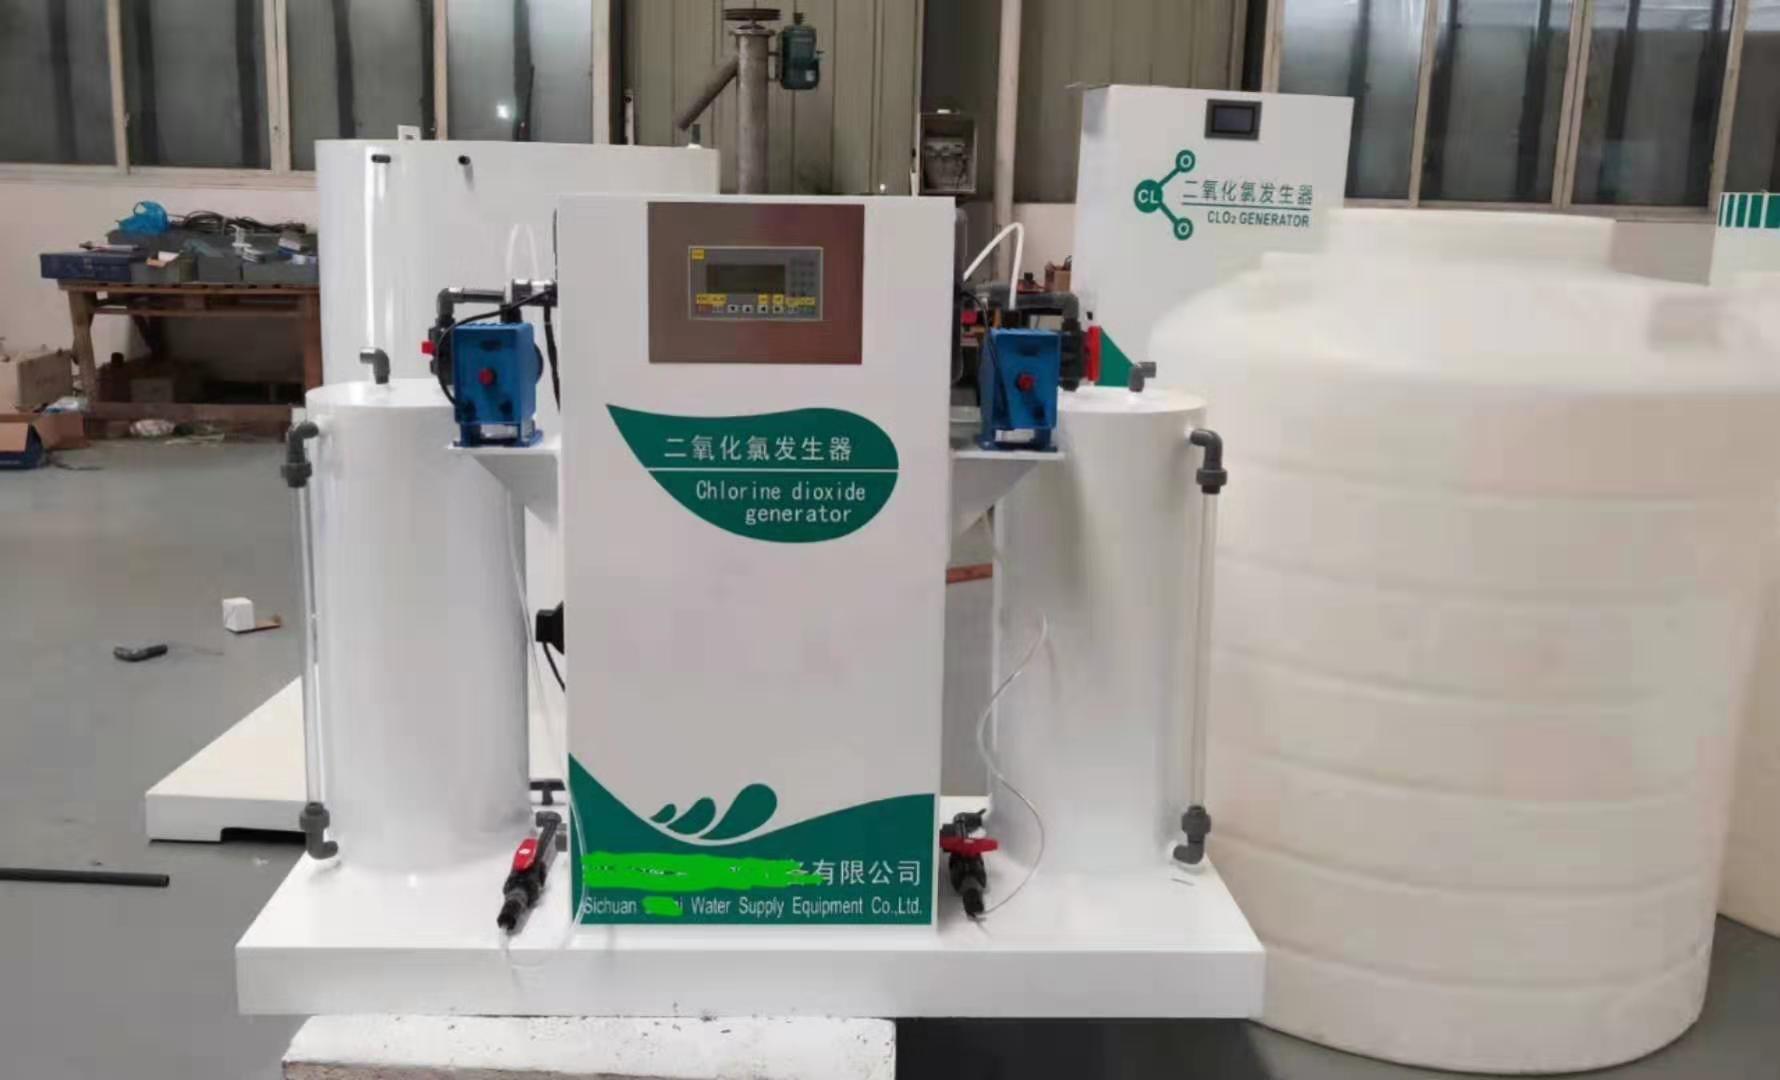 顿力达计量泵为二氧化氯发生器、次氯酸钠发生器制造厂家提供配套